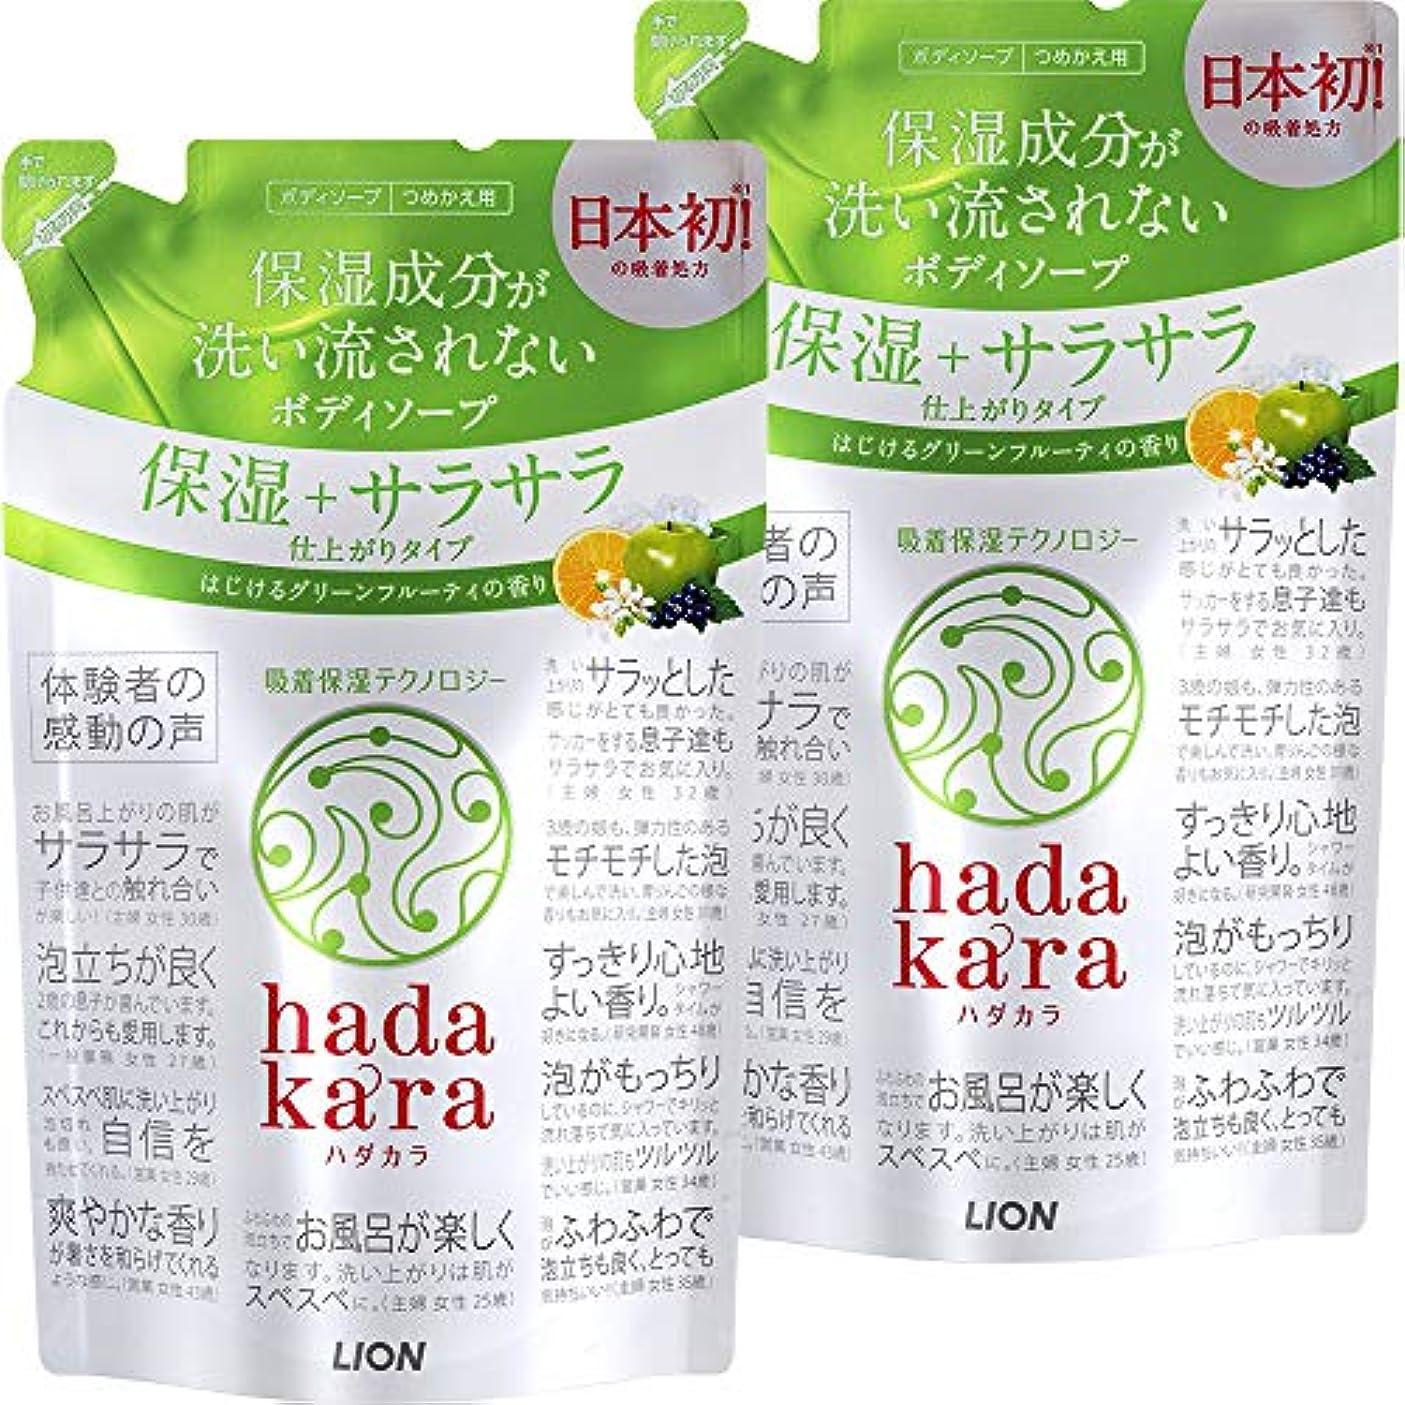 メイド増幅器病的【まとめ買い】hadakara(ハダカラ) ボディソープ 保湿+サラサラ仕上がりタイプ グリーンフルーティの香り 詰め替え 340ml×2個パック